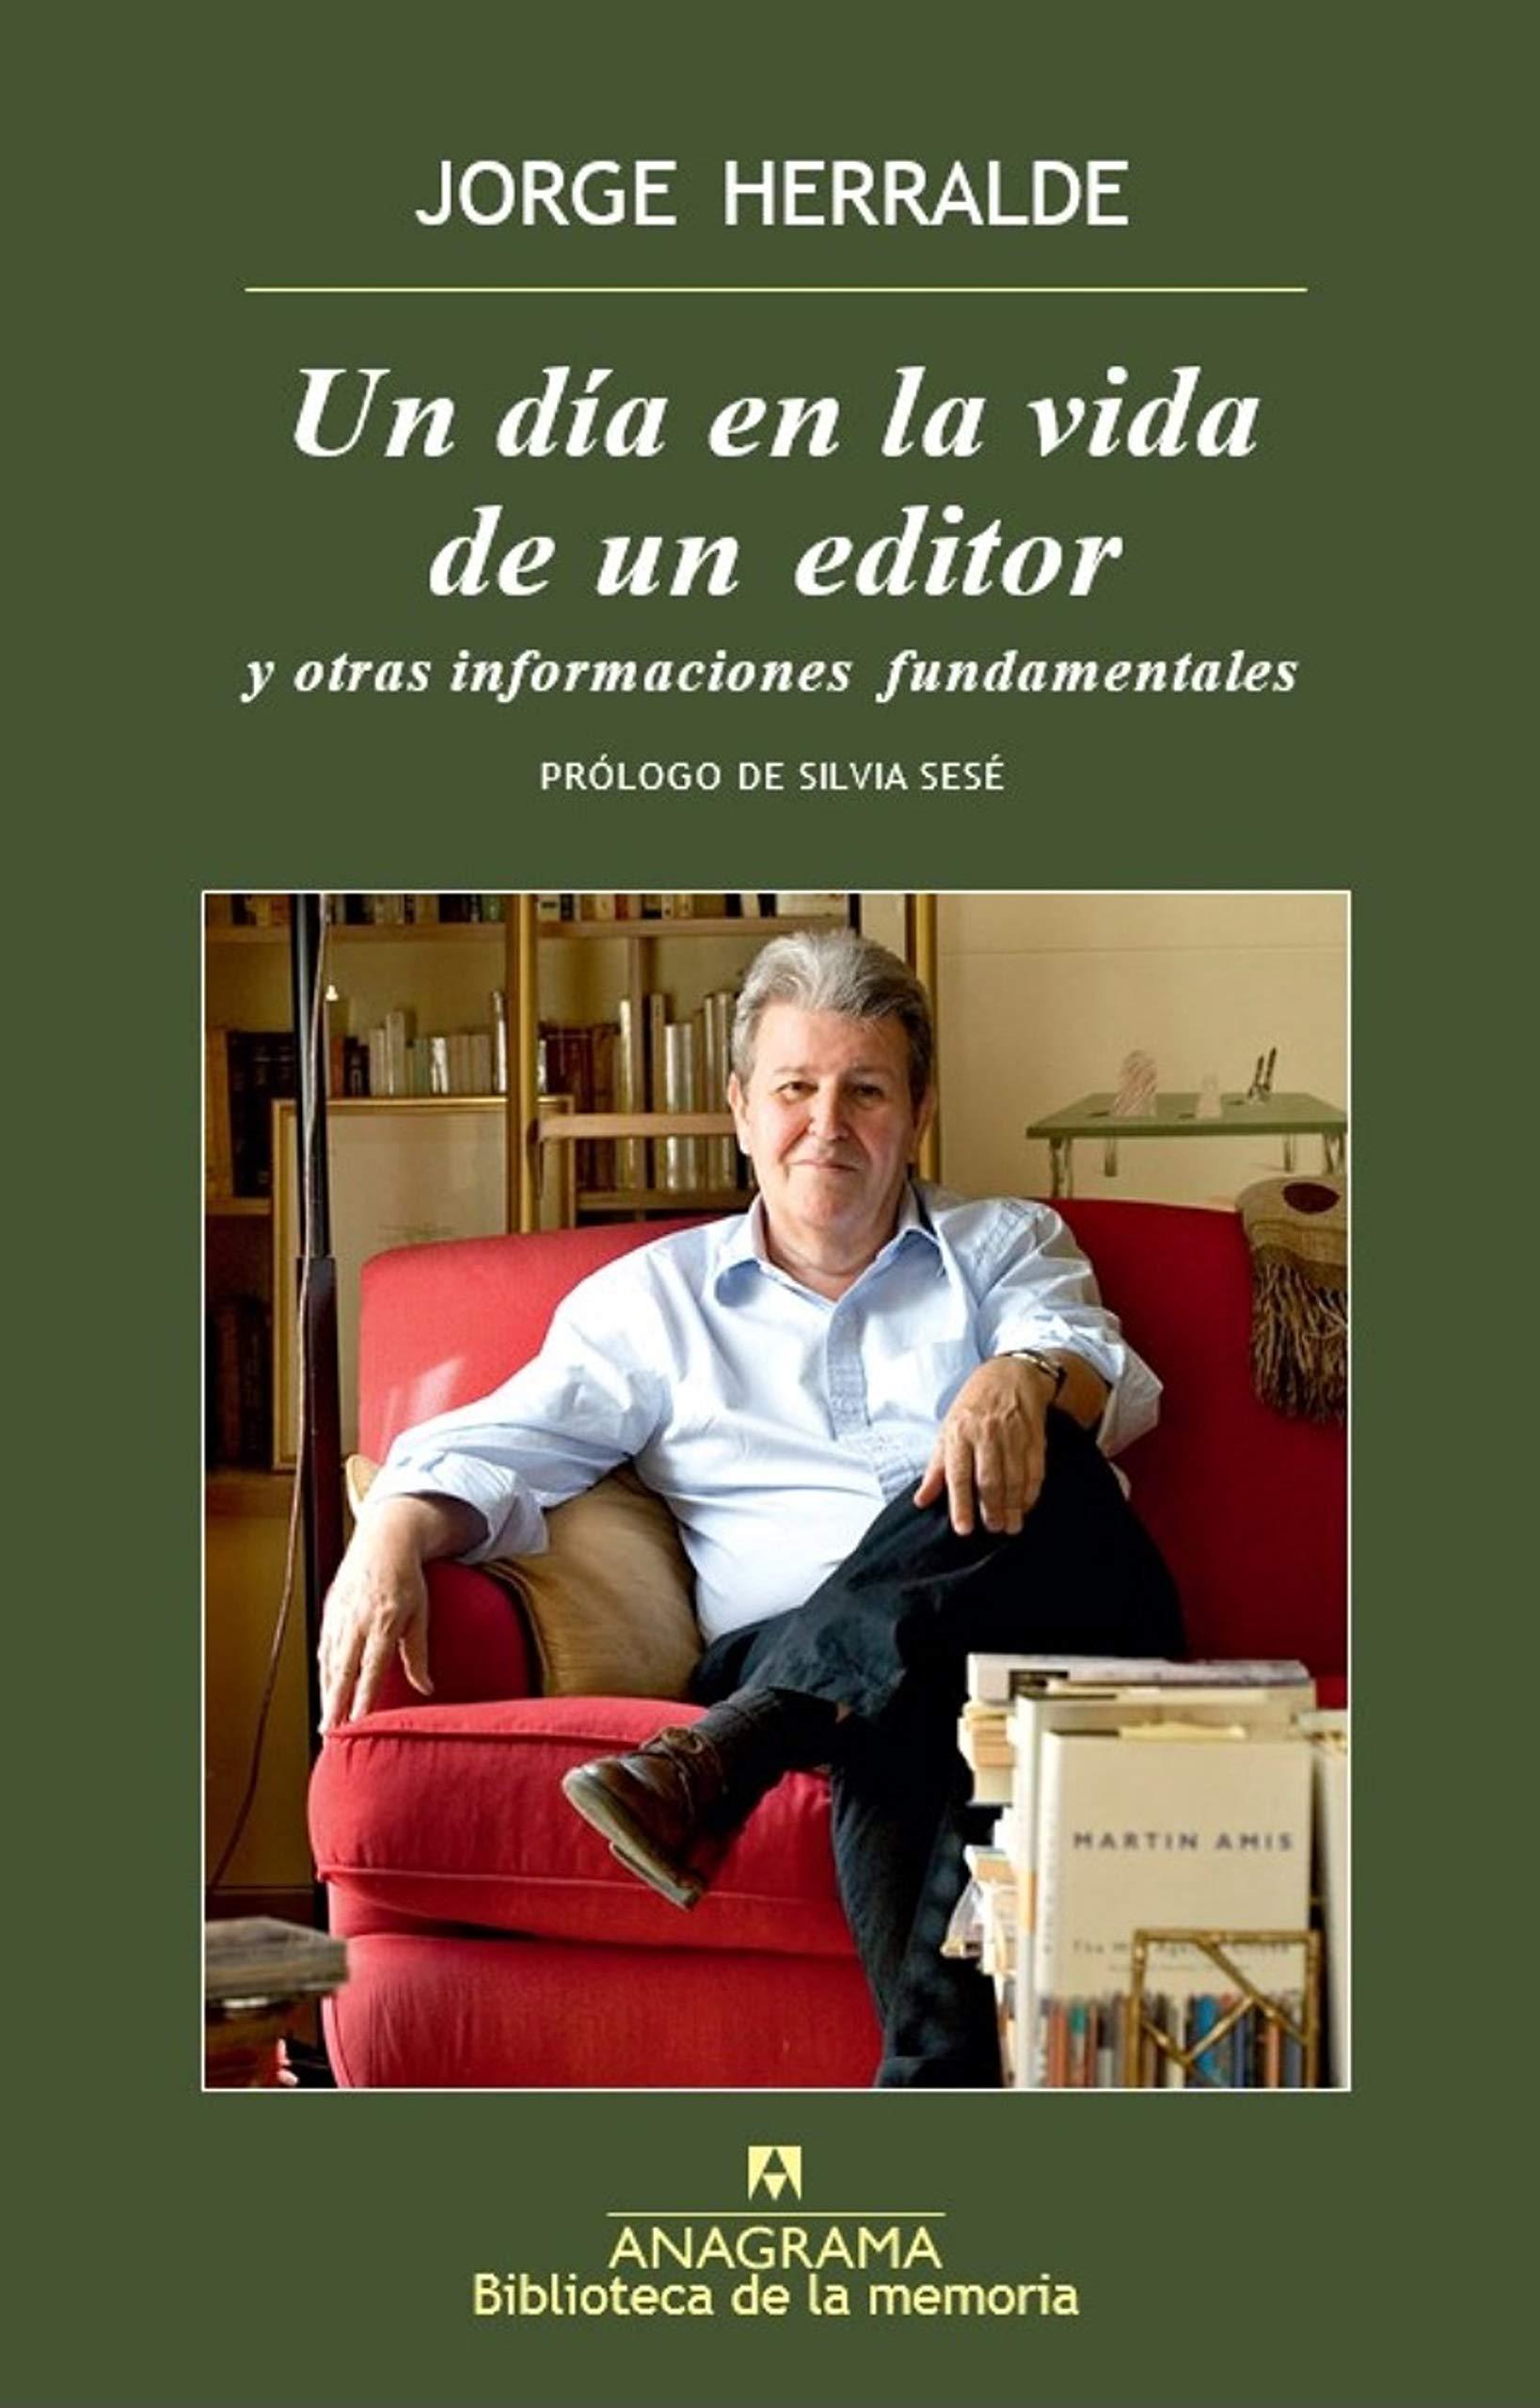 Libricos y Libracos: Novedades Editoriales... - Página 2 71N5zuIykEL